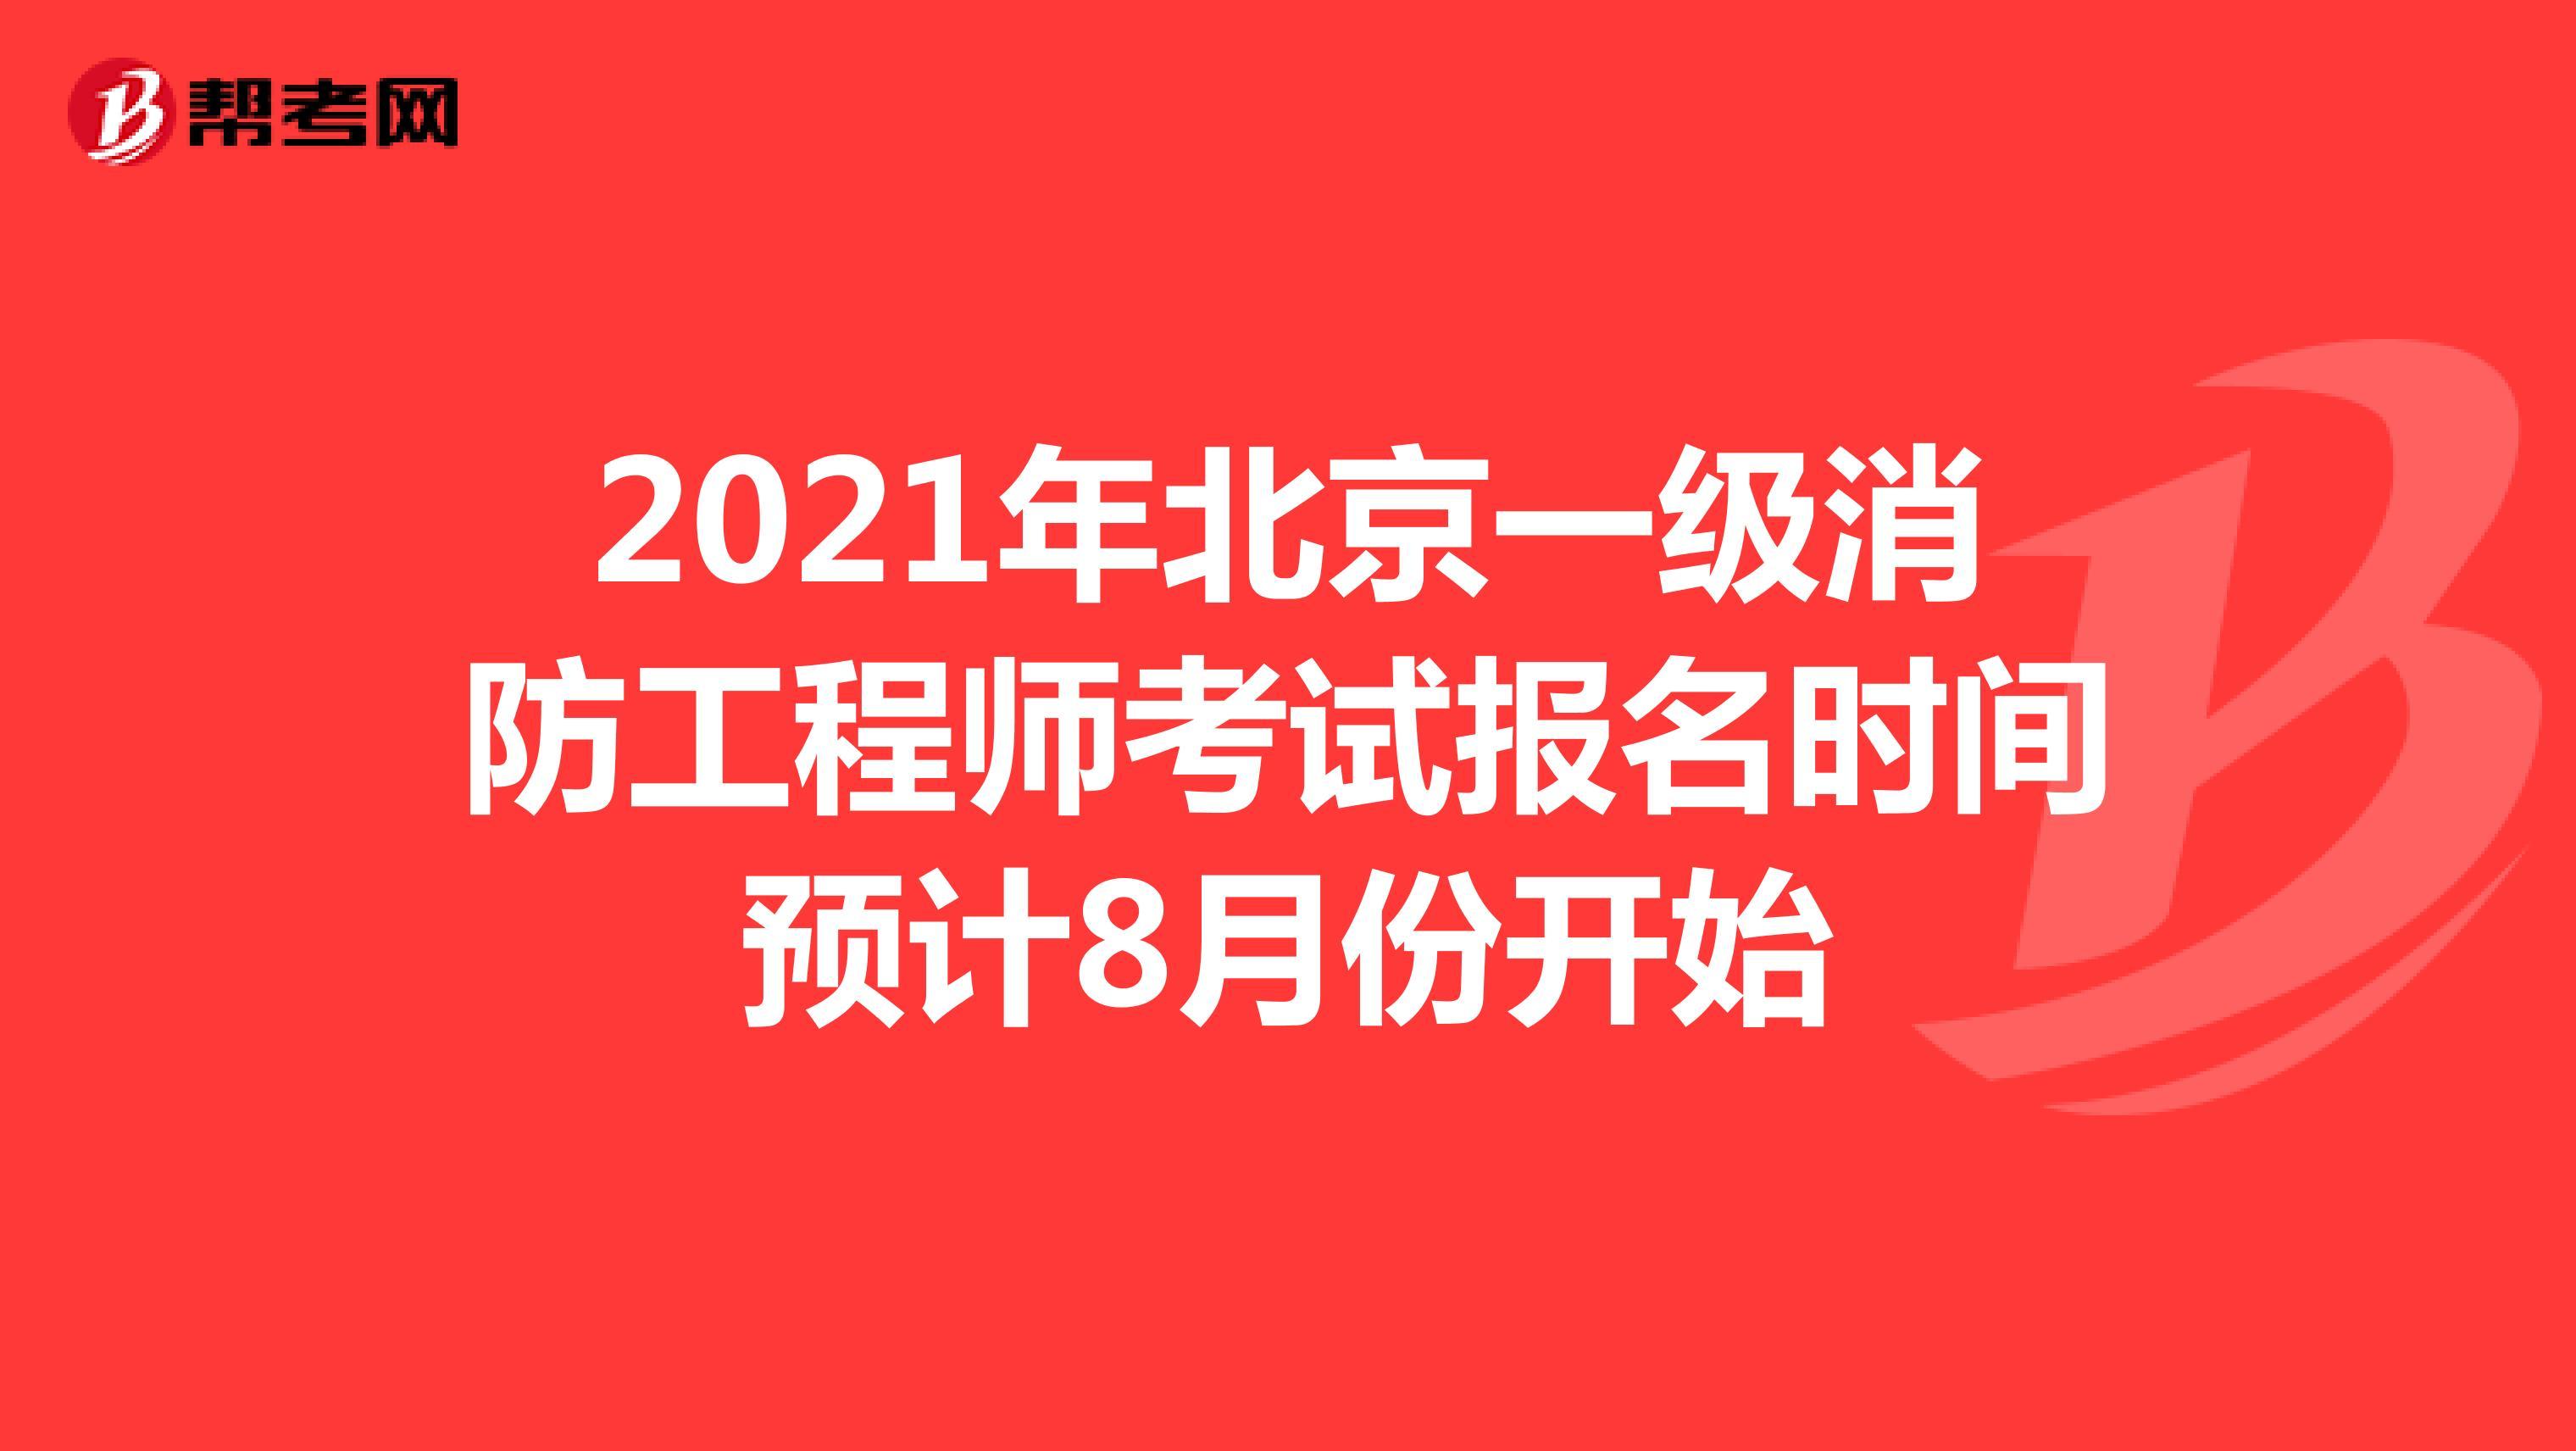 2021年北京一级消防工程师考试报名时间预计8月份开始